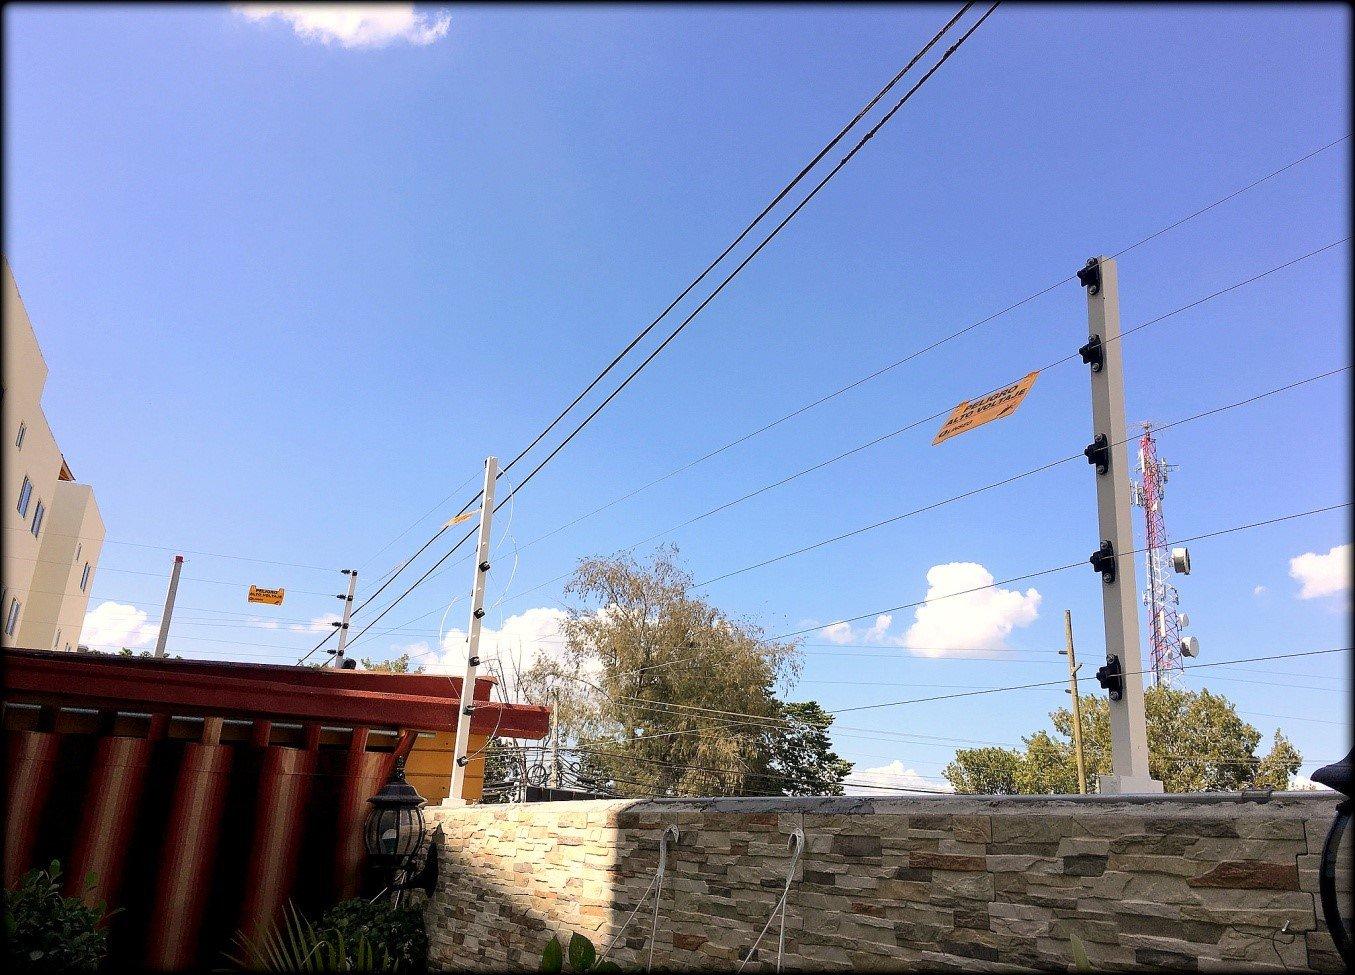 cerco eléctrico o valla electrificada